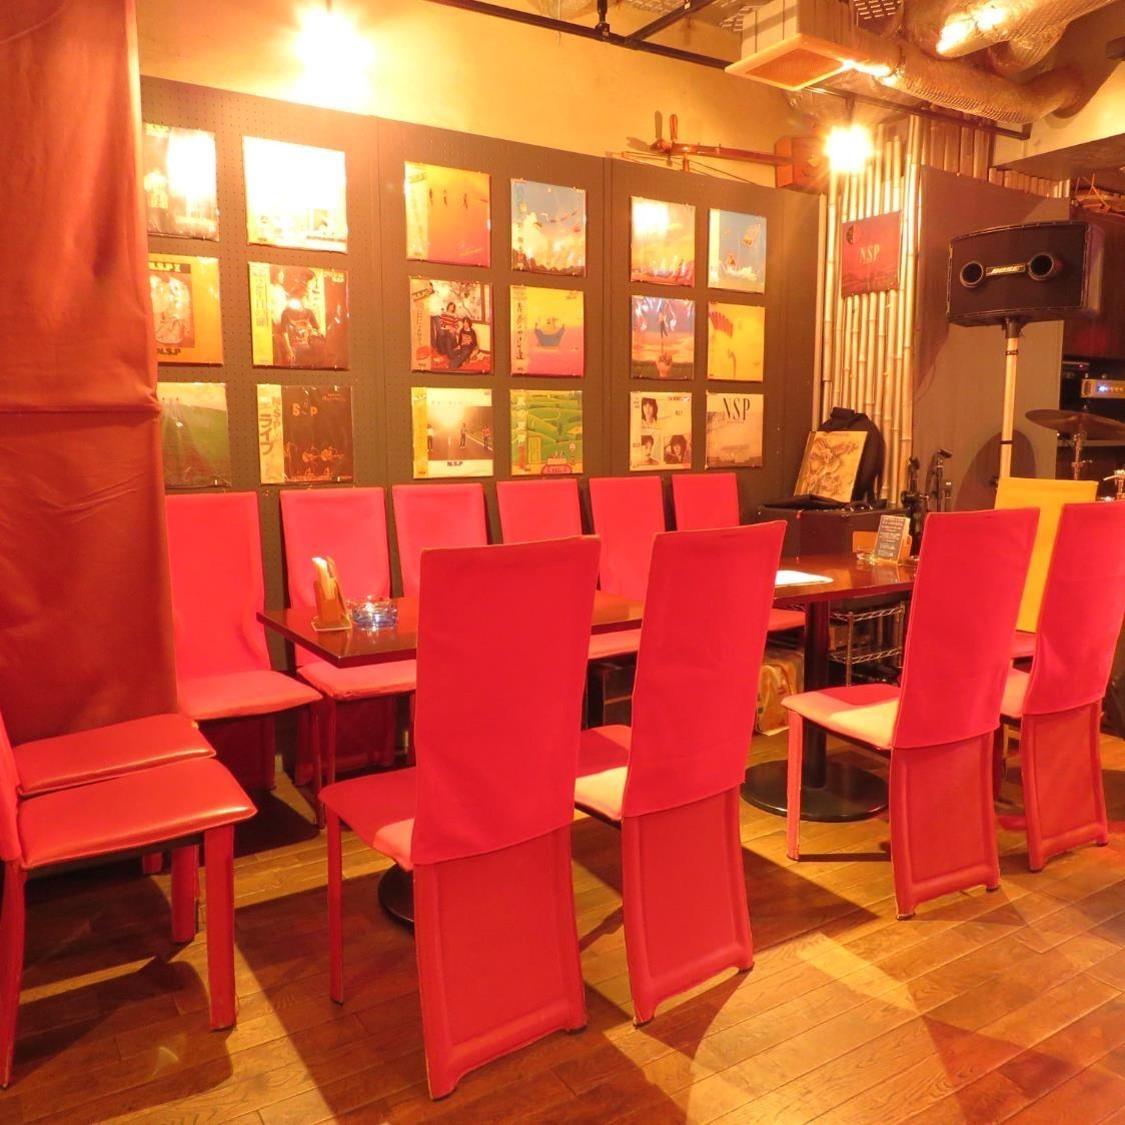 您可以在宽敞的座位上享用您的菜肴和清酒。可用于2,4,6或更多场景◎